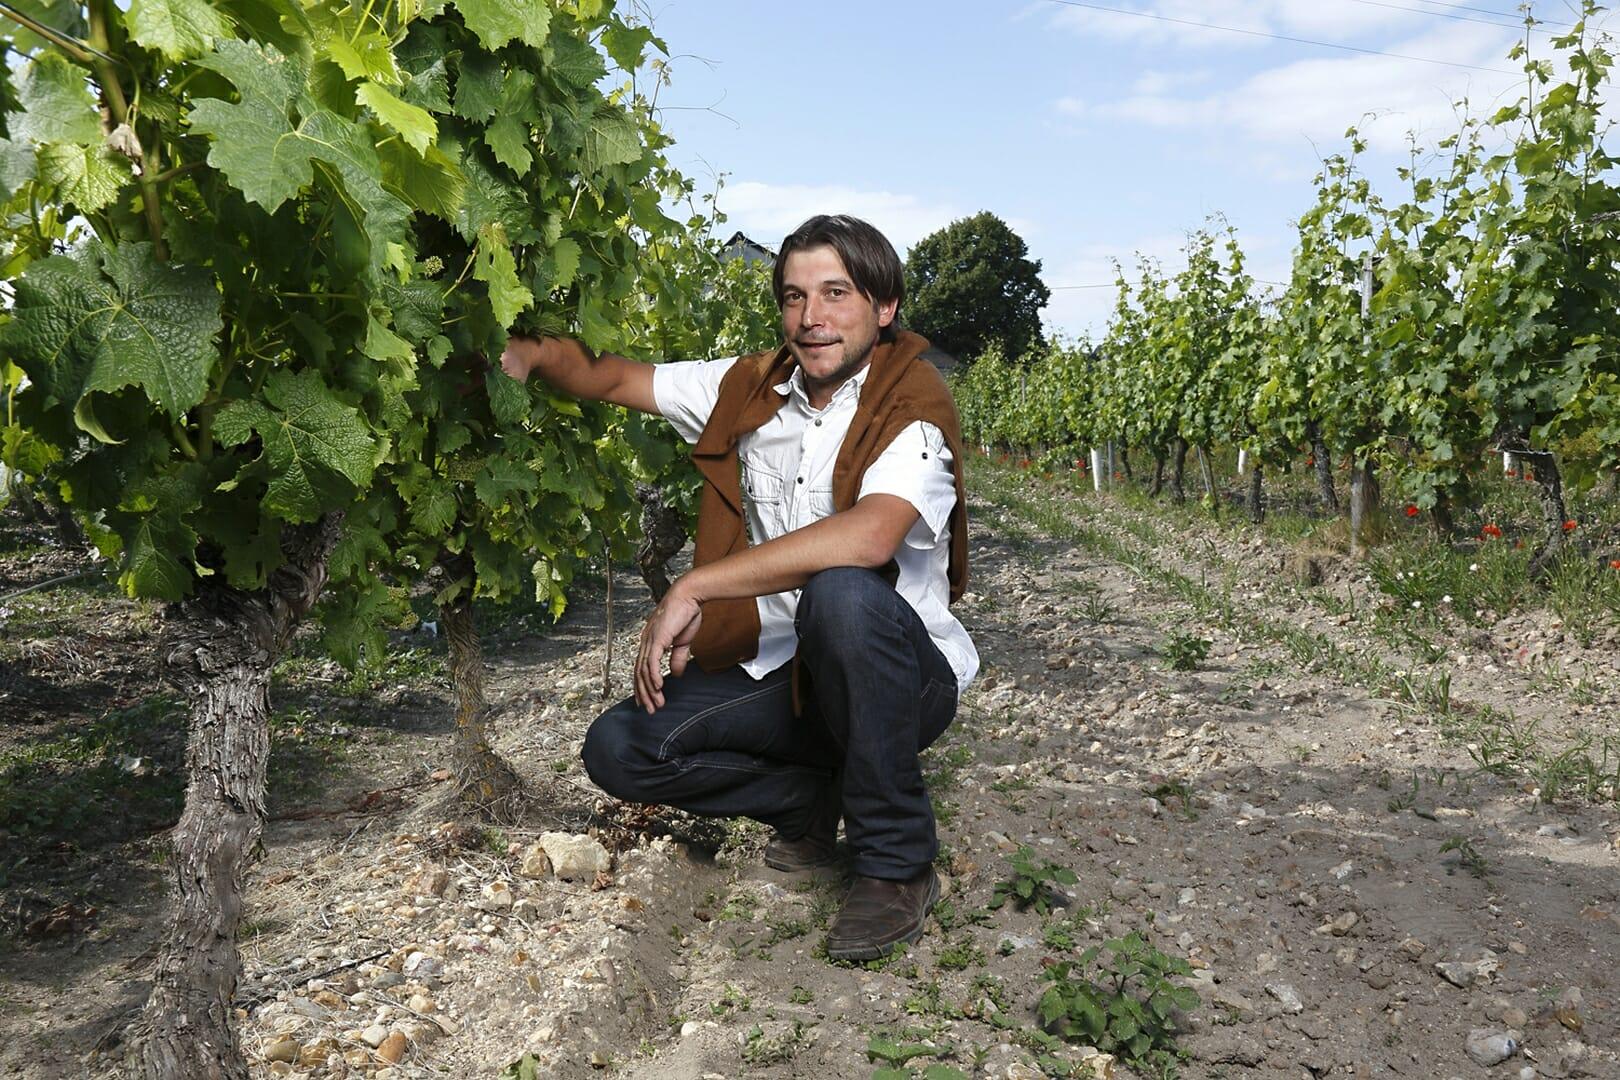 Domaine de l'asselière Mathieu LAMOUREUX dans les vignes à Saint Nicolas de Bourgueil